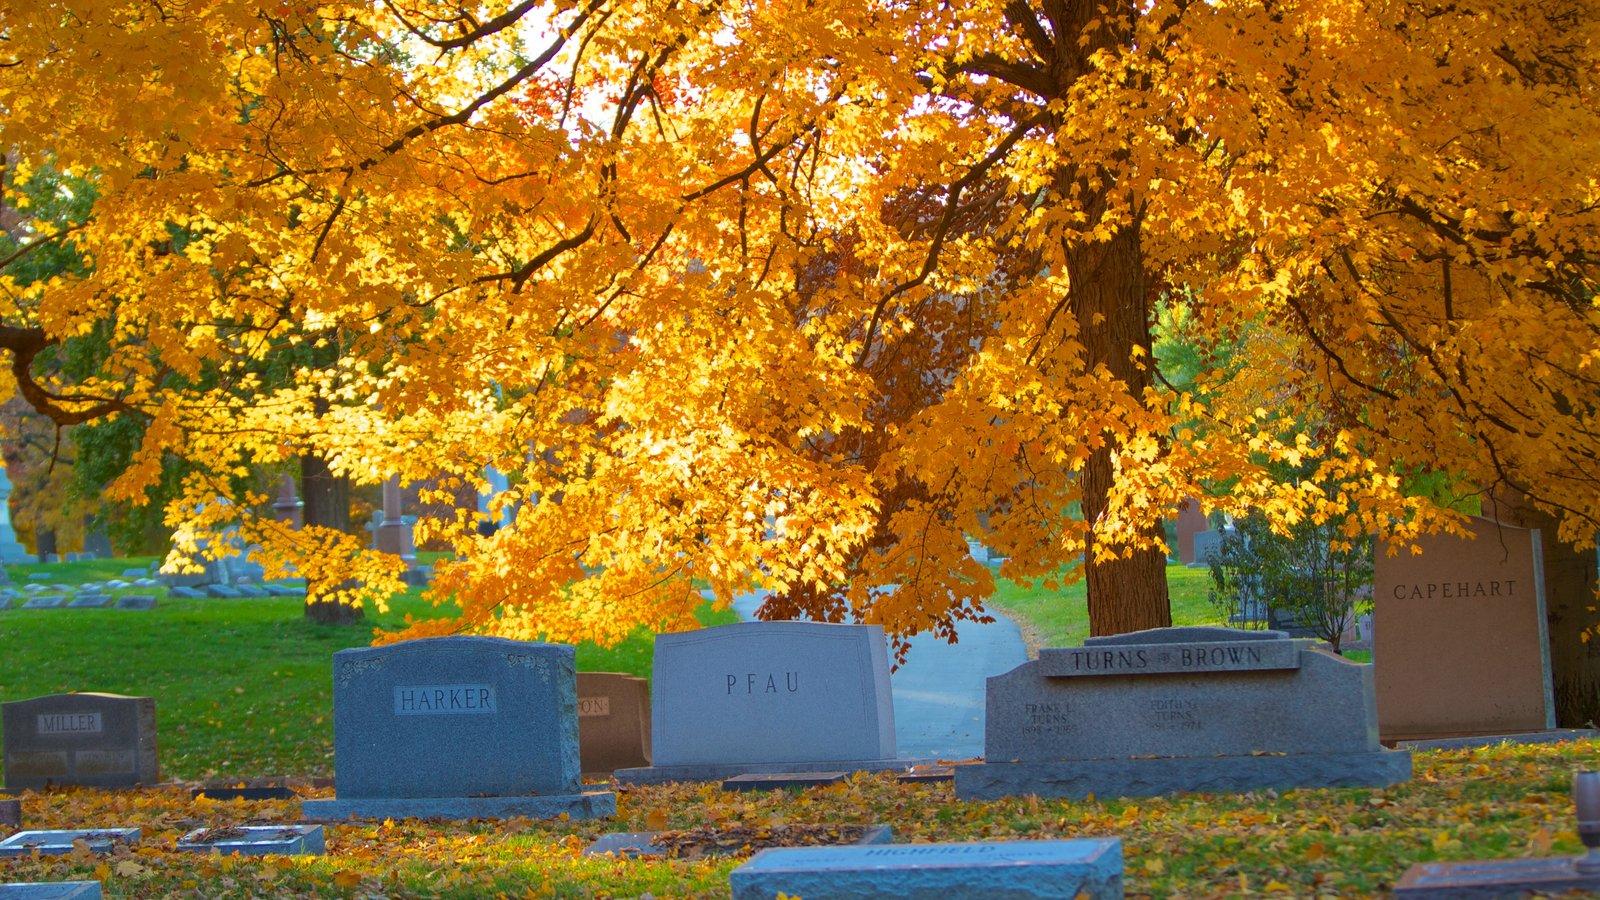 Indianápolis ofreciendo los colores del otoño y un cementerio